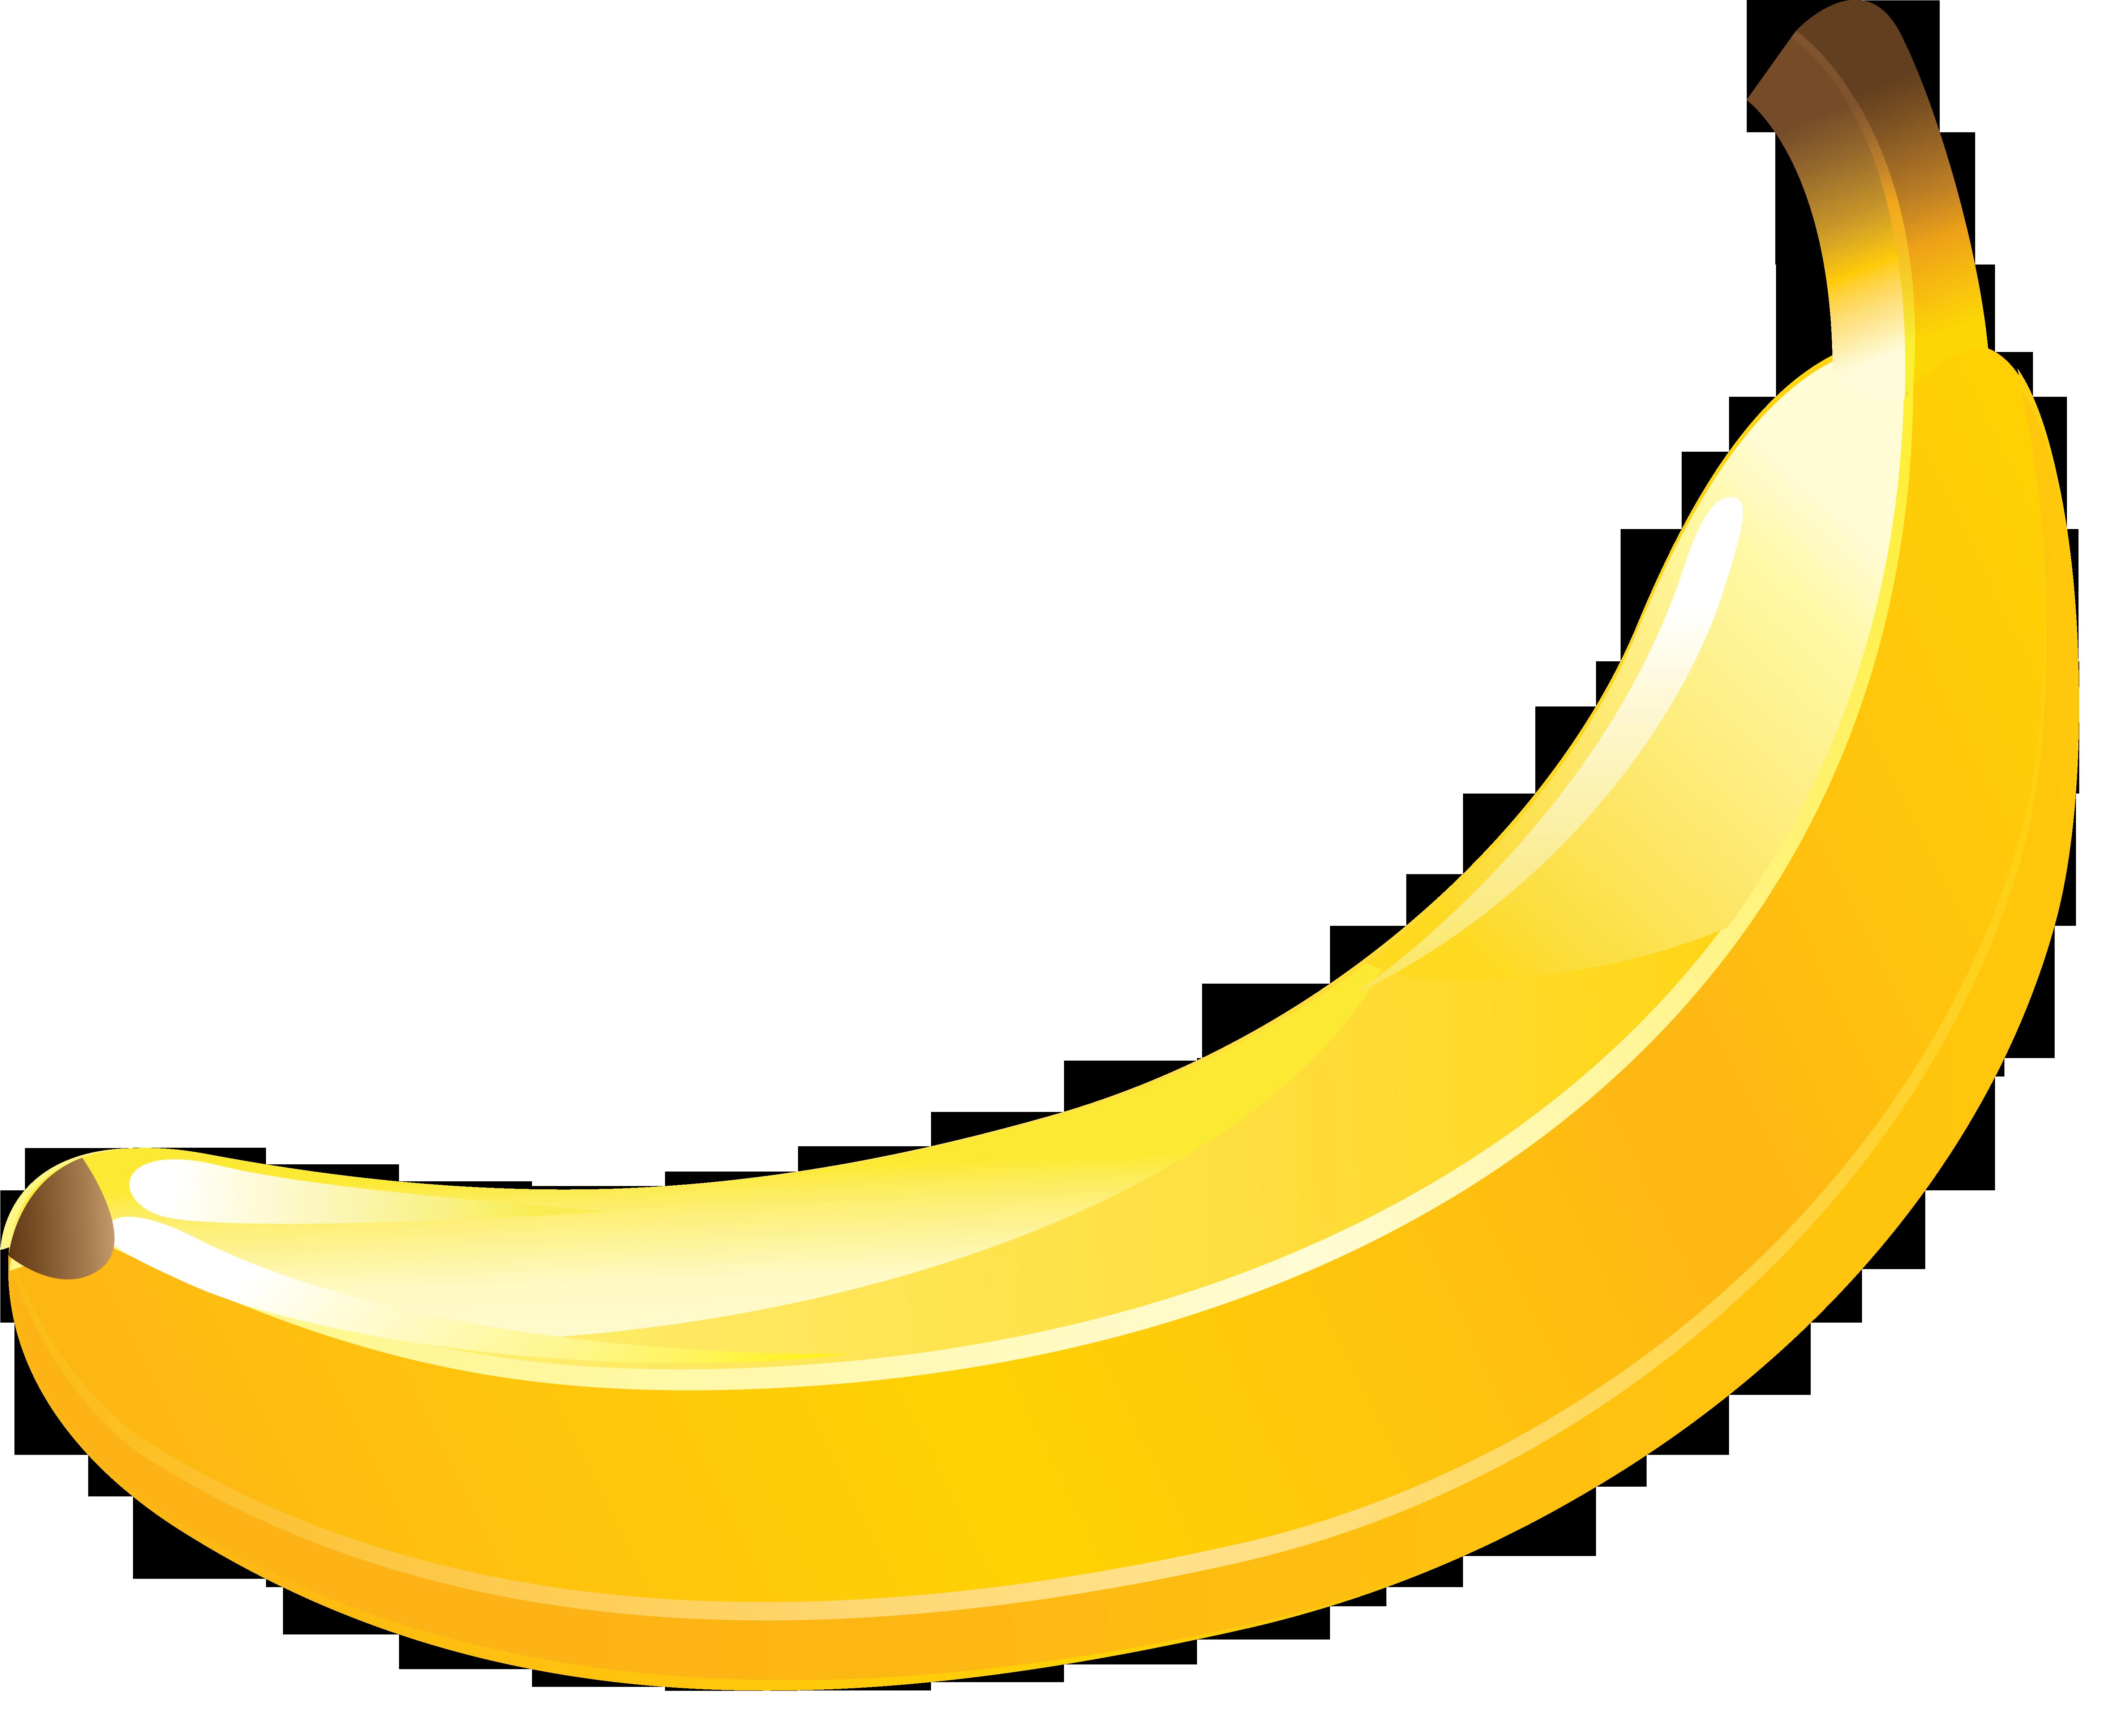 Banana's PNG Image Banana picture, Banana, Png images